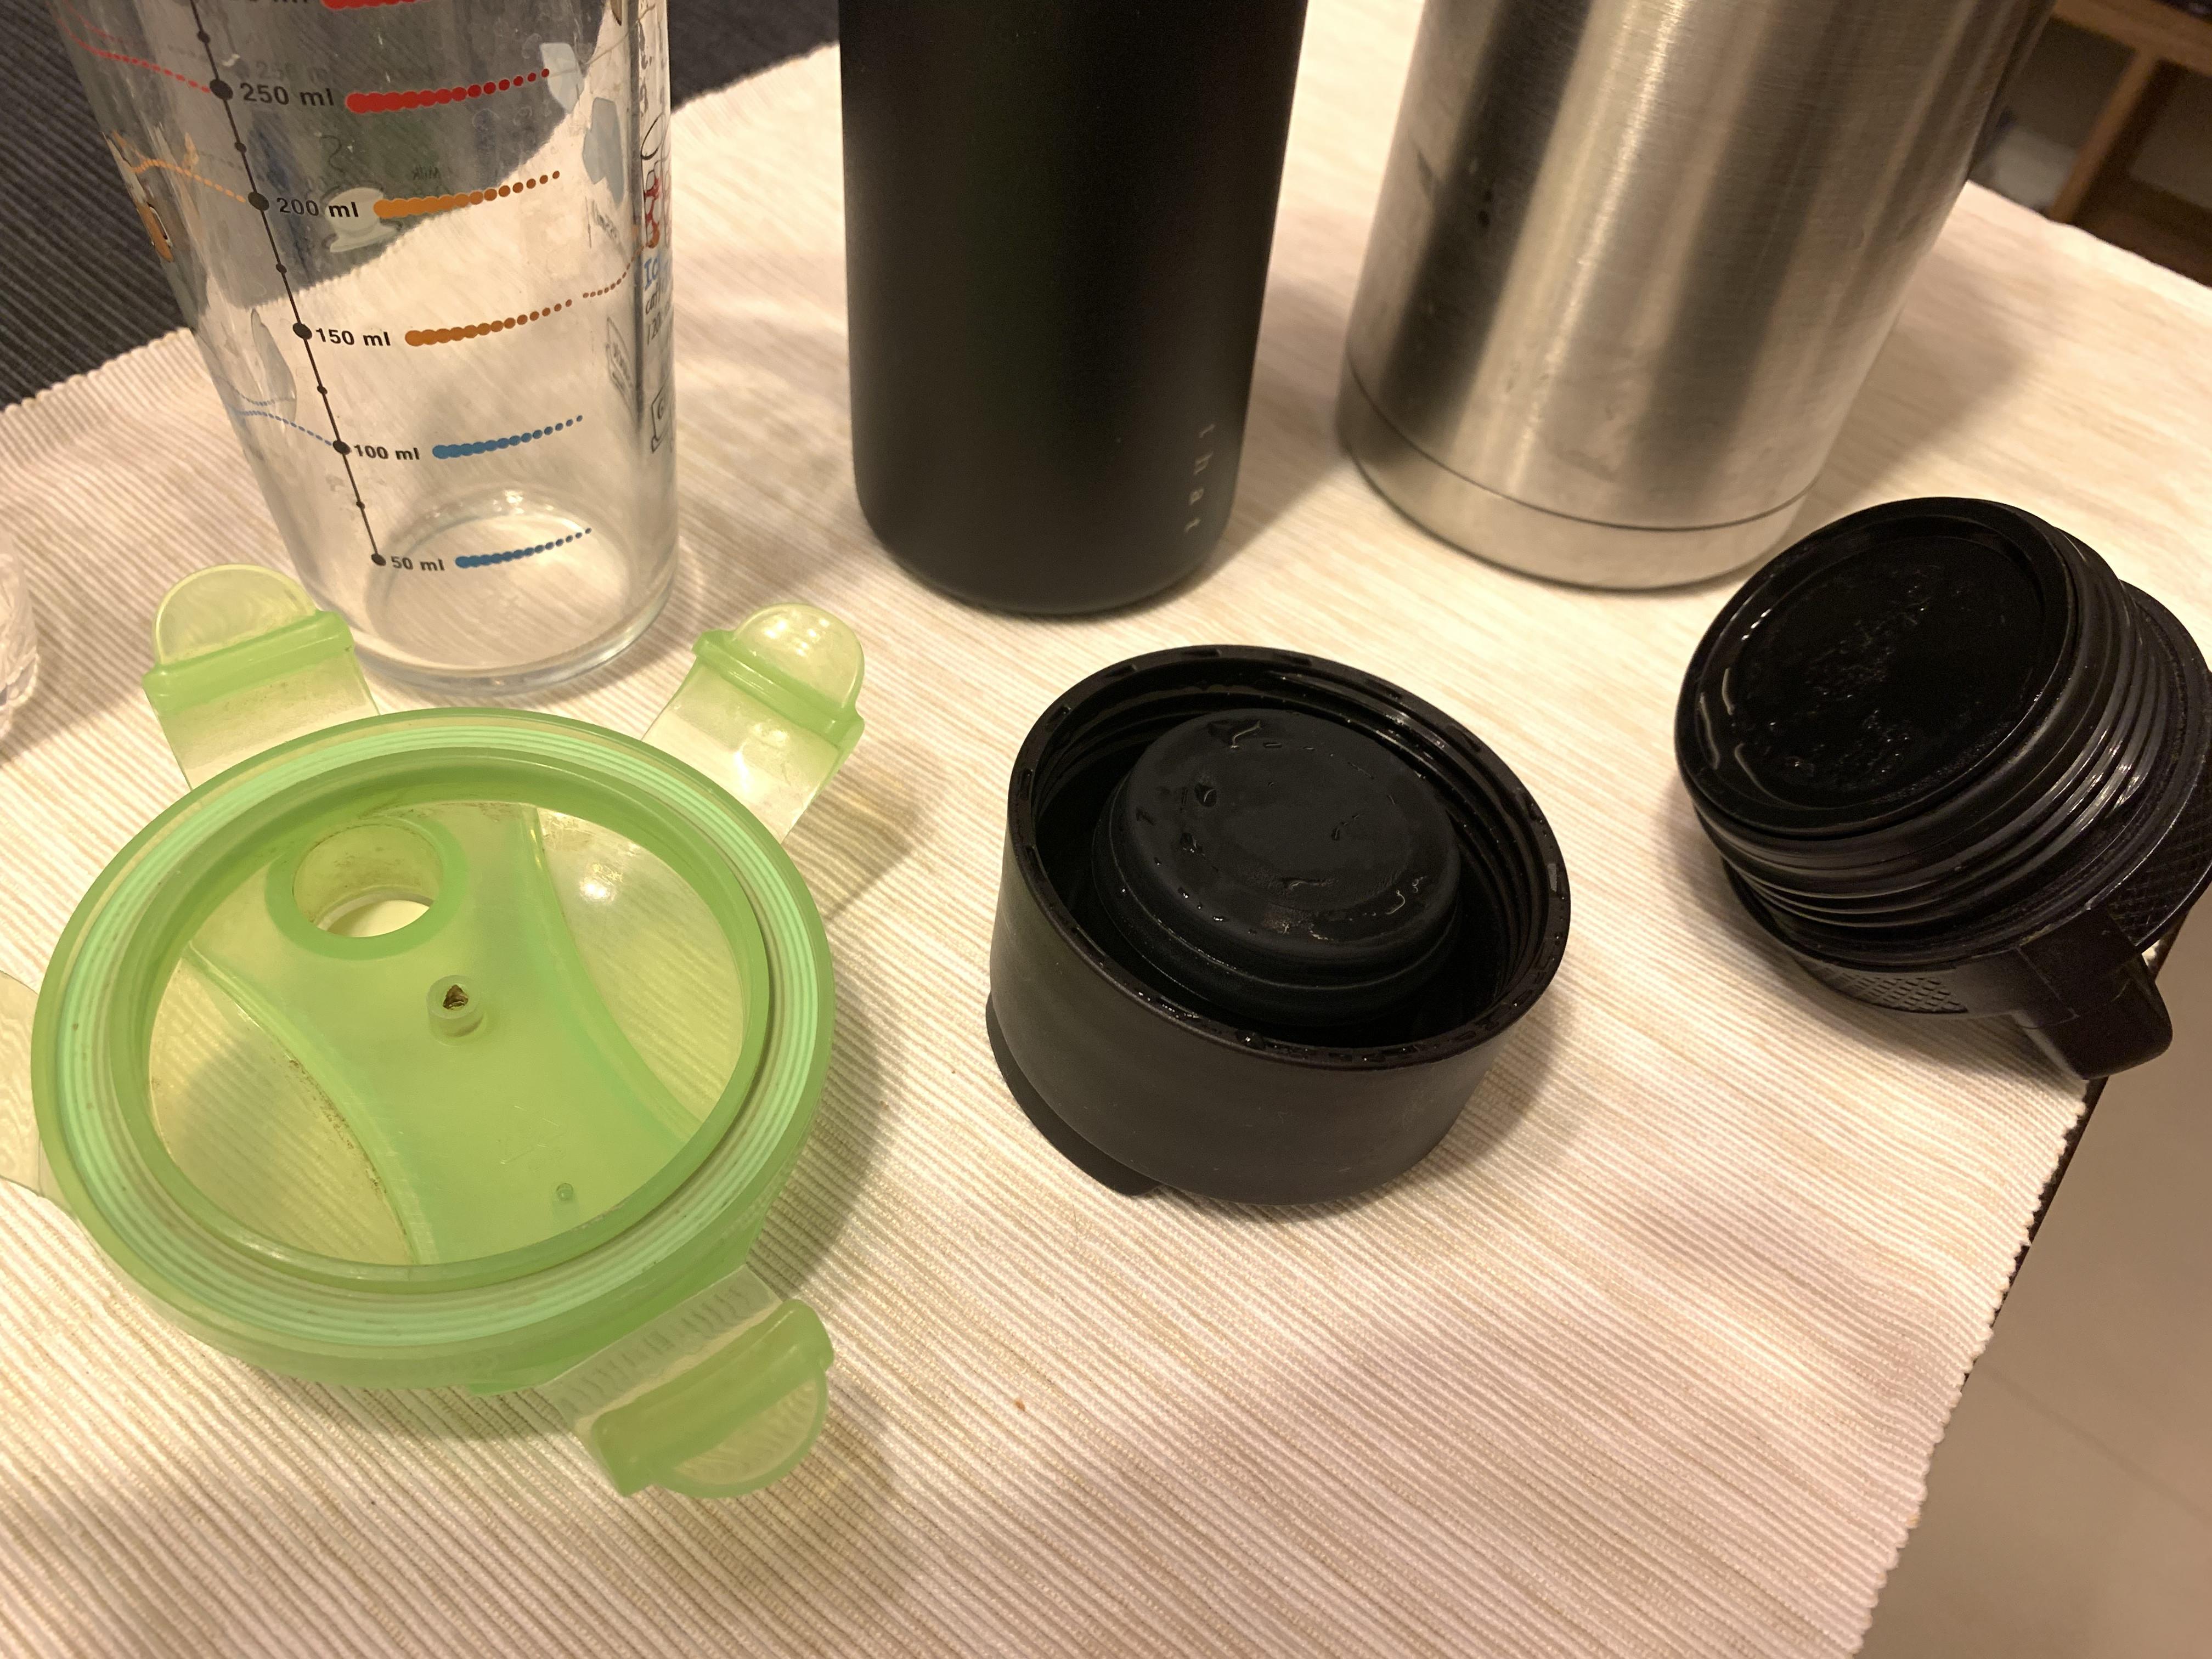 奇享杯-史無前例的完美保溫琺瑯杯的第 1 張圖片